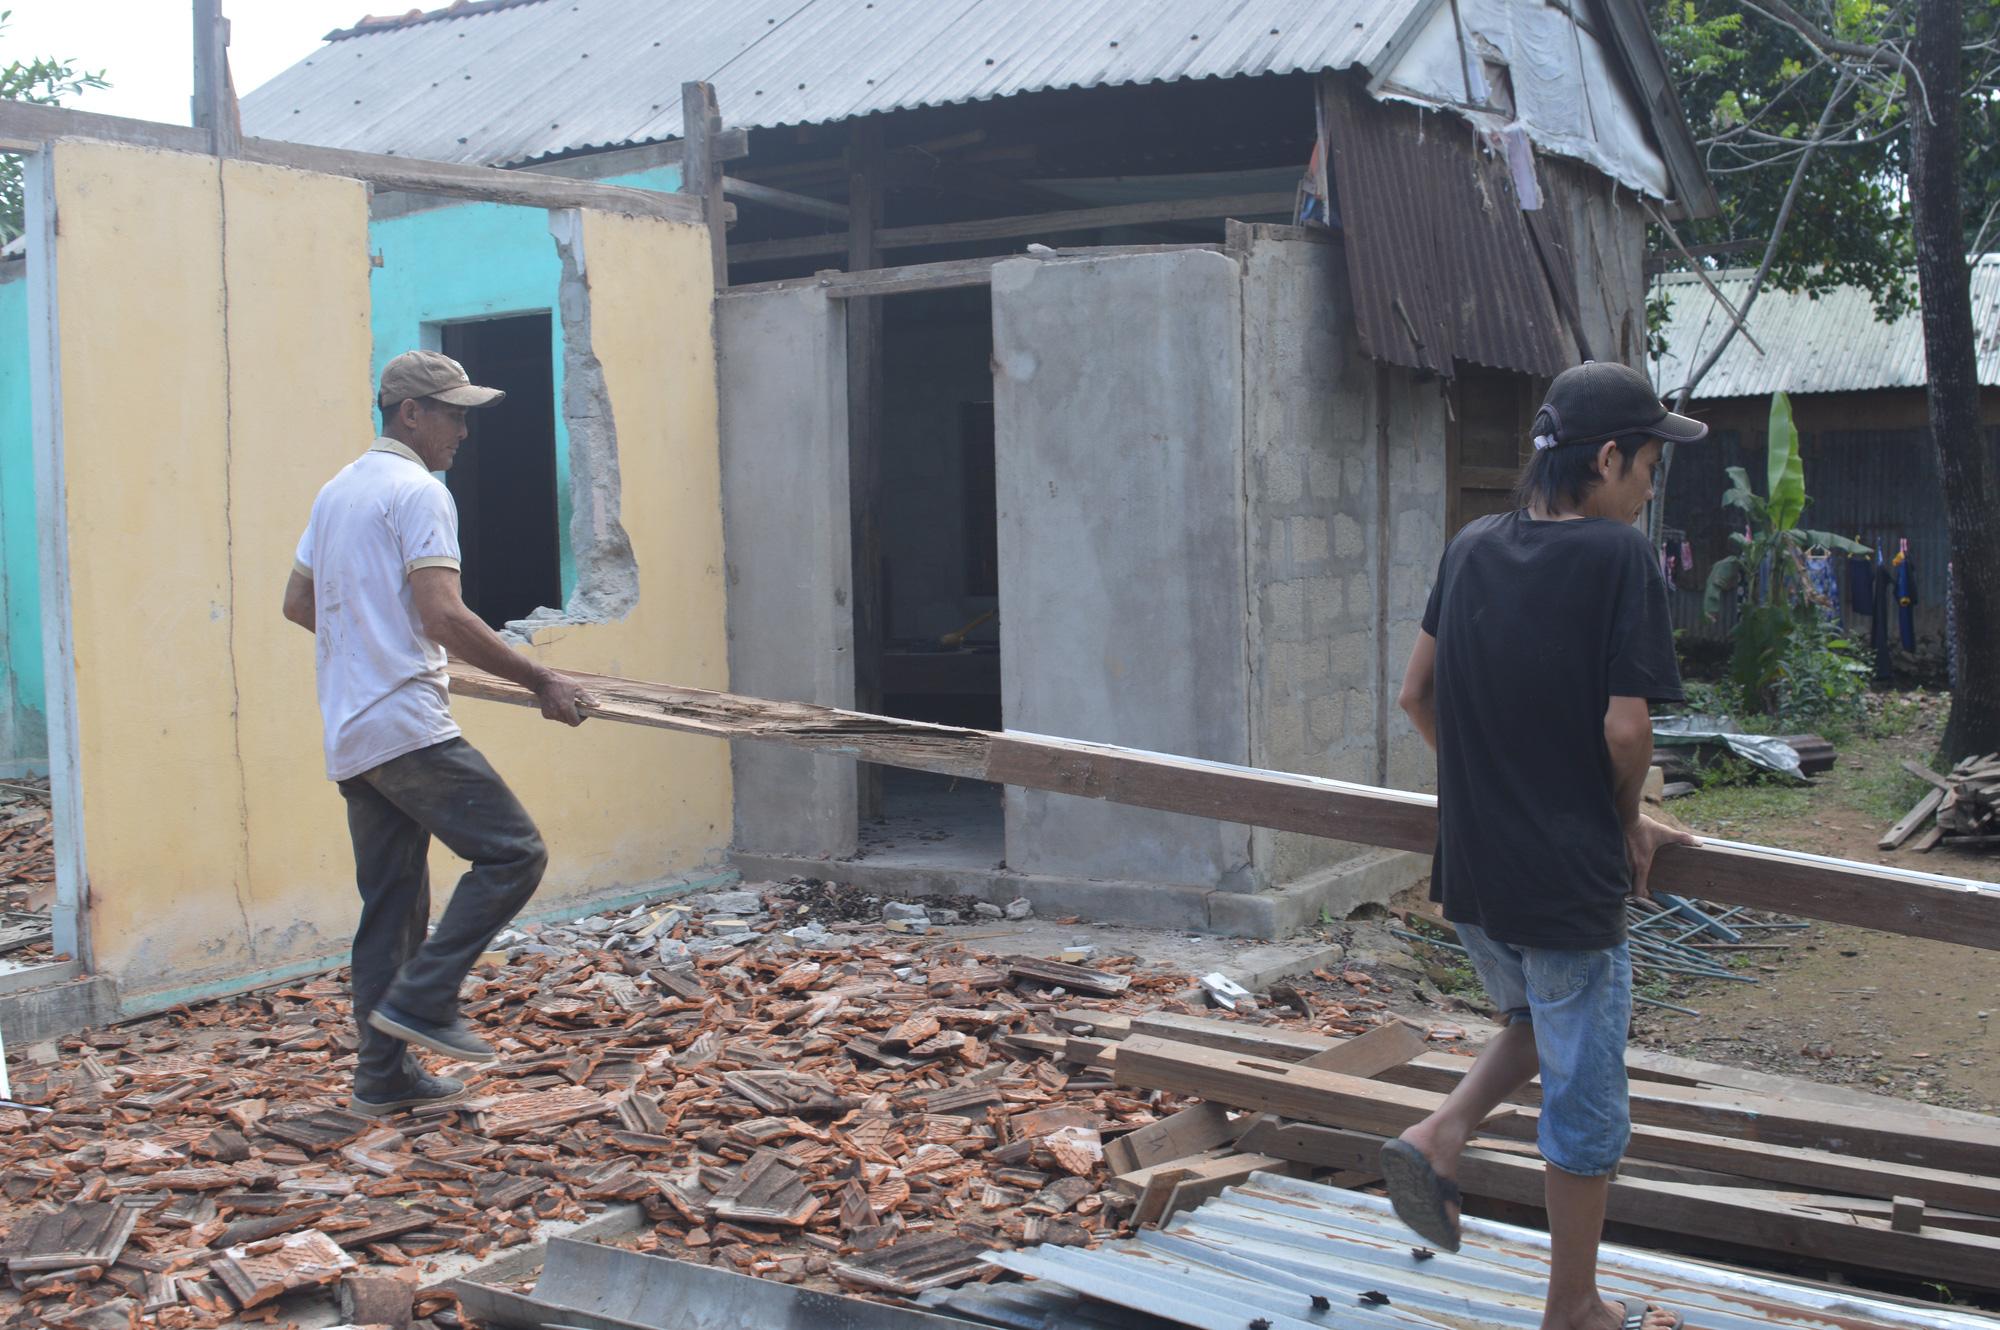 Thừa Thiên - Huế: Người dân Thượng thành tháo dỡ nhà cửa để chuẩn bị đến nơi ở mới - Ảnh 4.